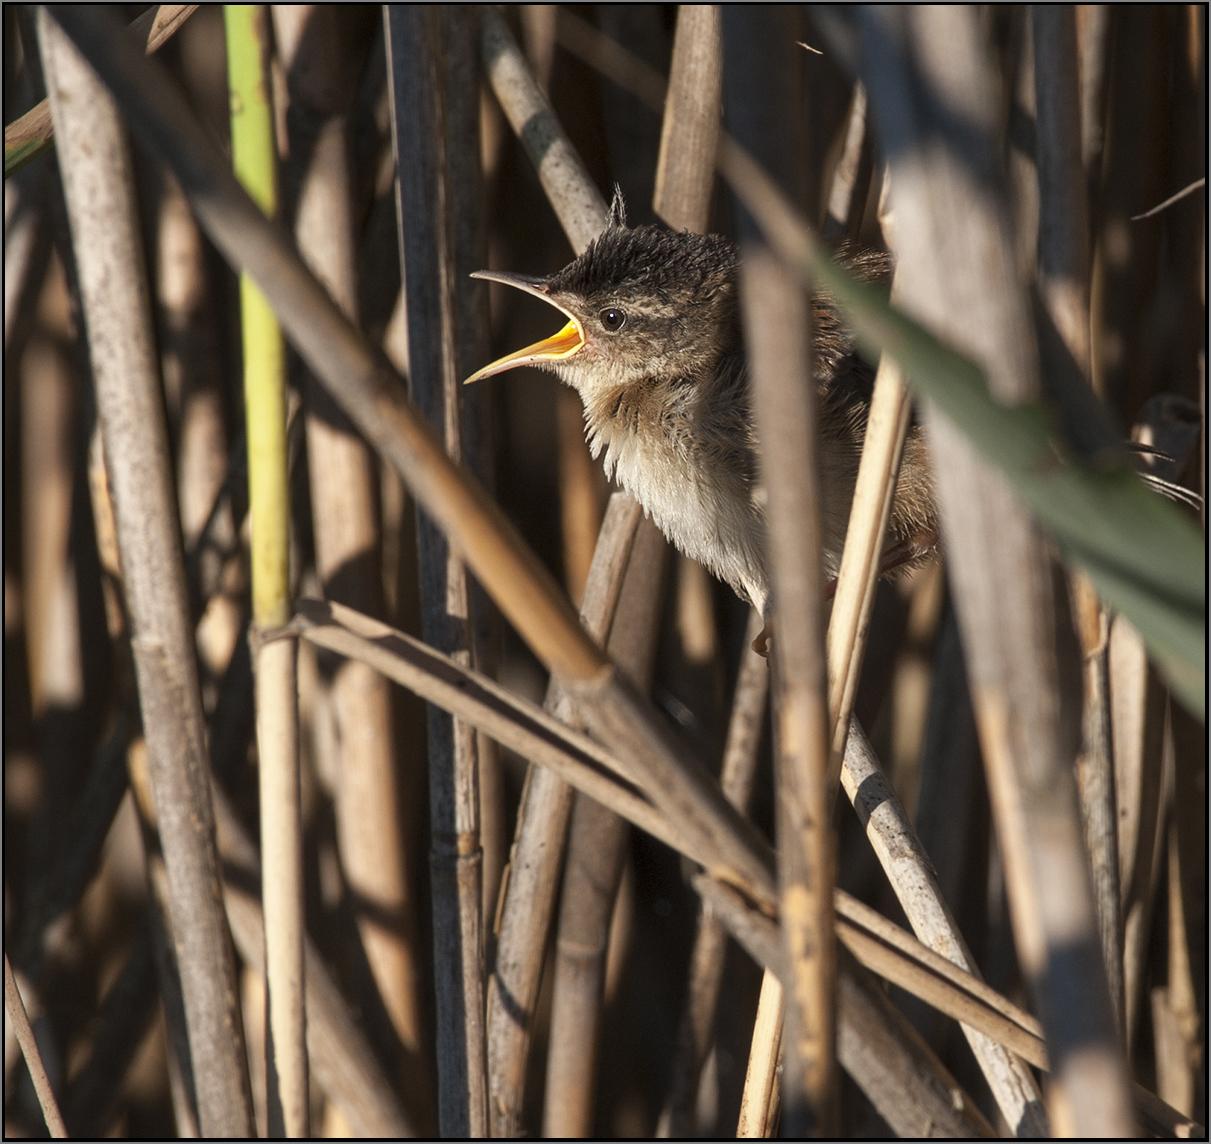 Marsh Wrens3 Marco MDT 8.16